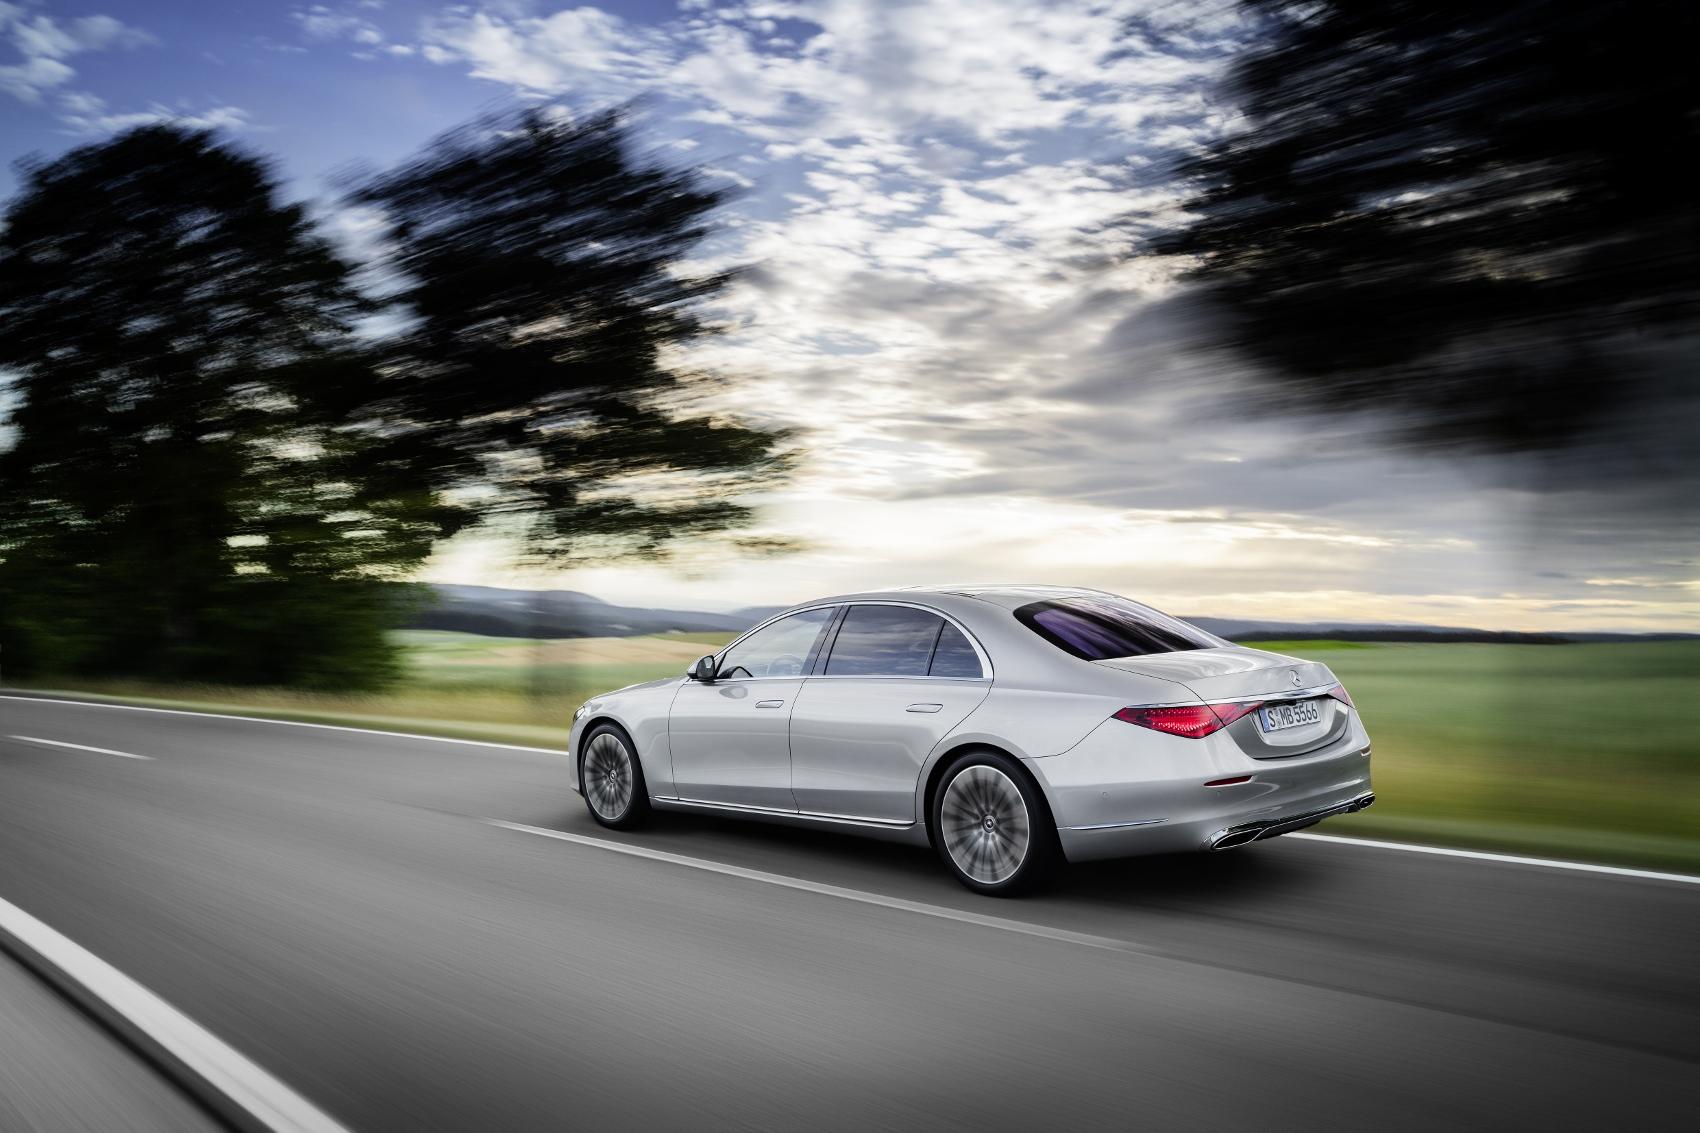 Nový Mercedes S je najpokročilejším Mercedesom v histórii jq0AMZE2LG 20c0358015-1700x1133